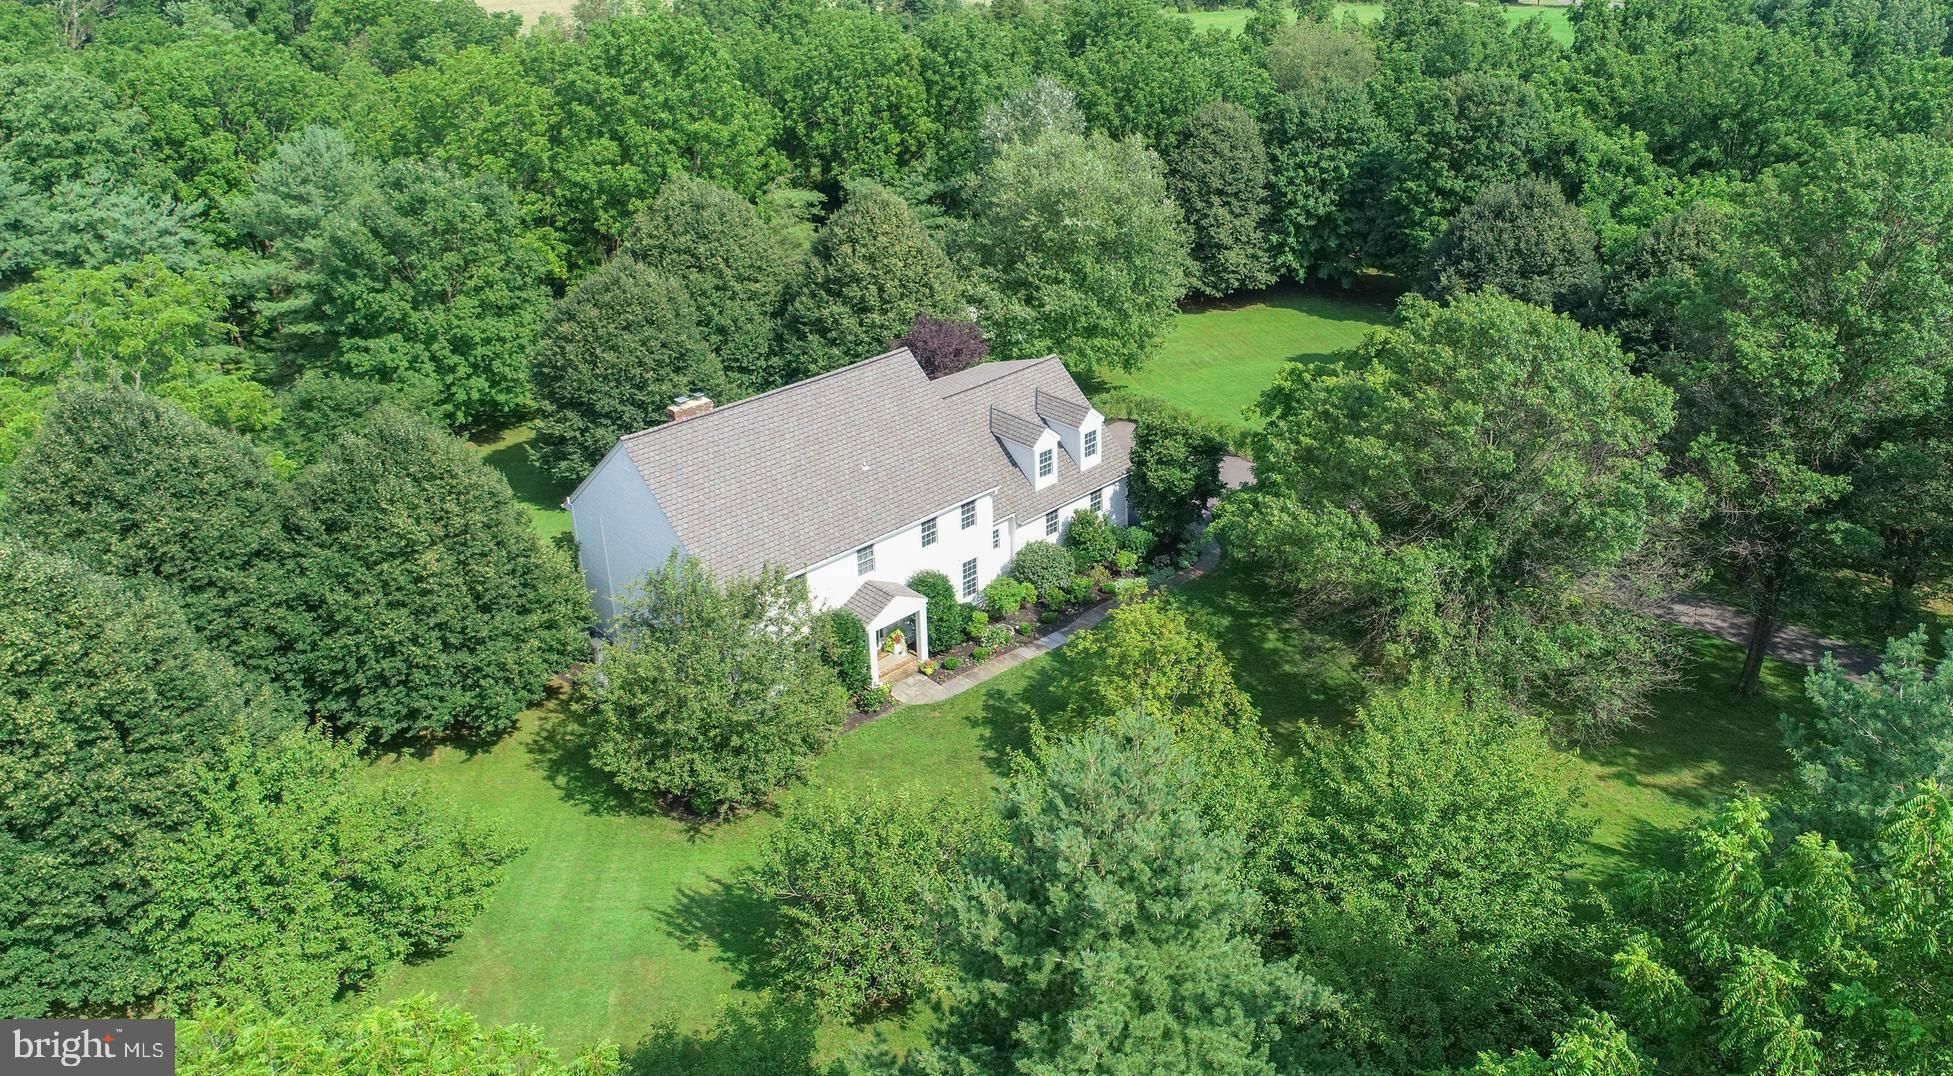 193 MARSHALL CORNER WOODSVILLE ROAD, PENNINGTON, NJ 08534